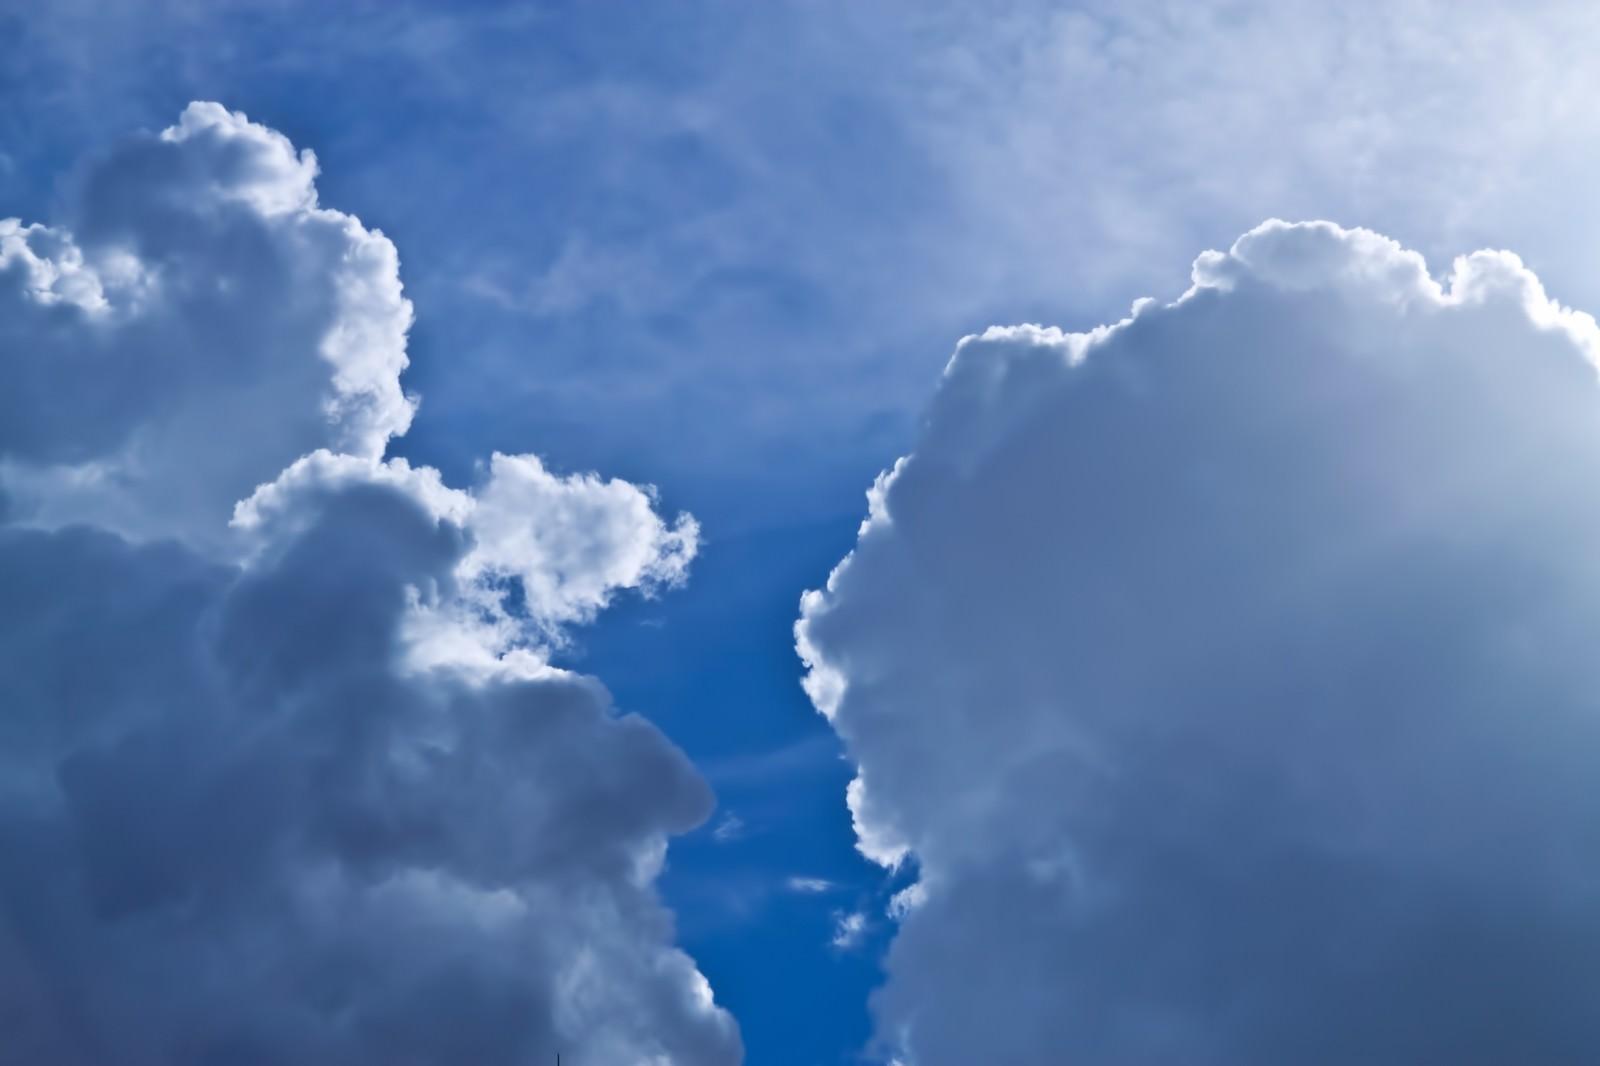 「青空と雨雲」の写真